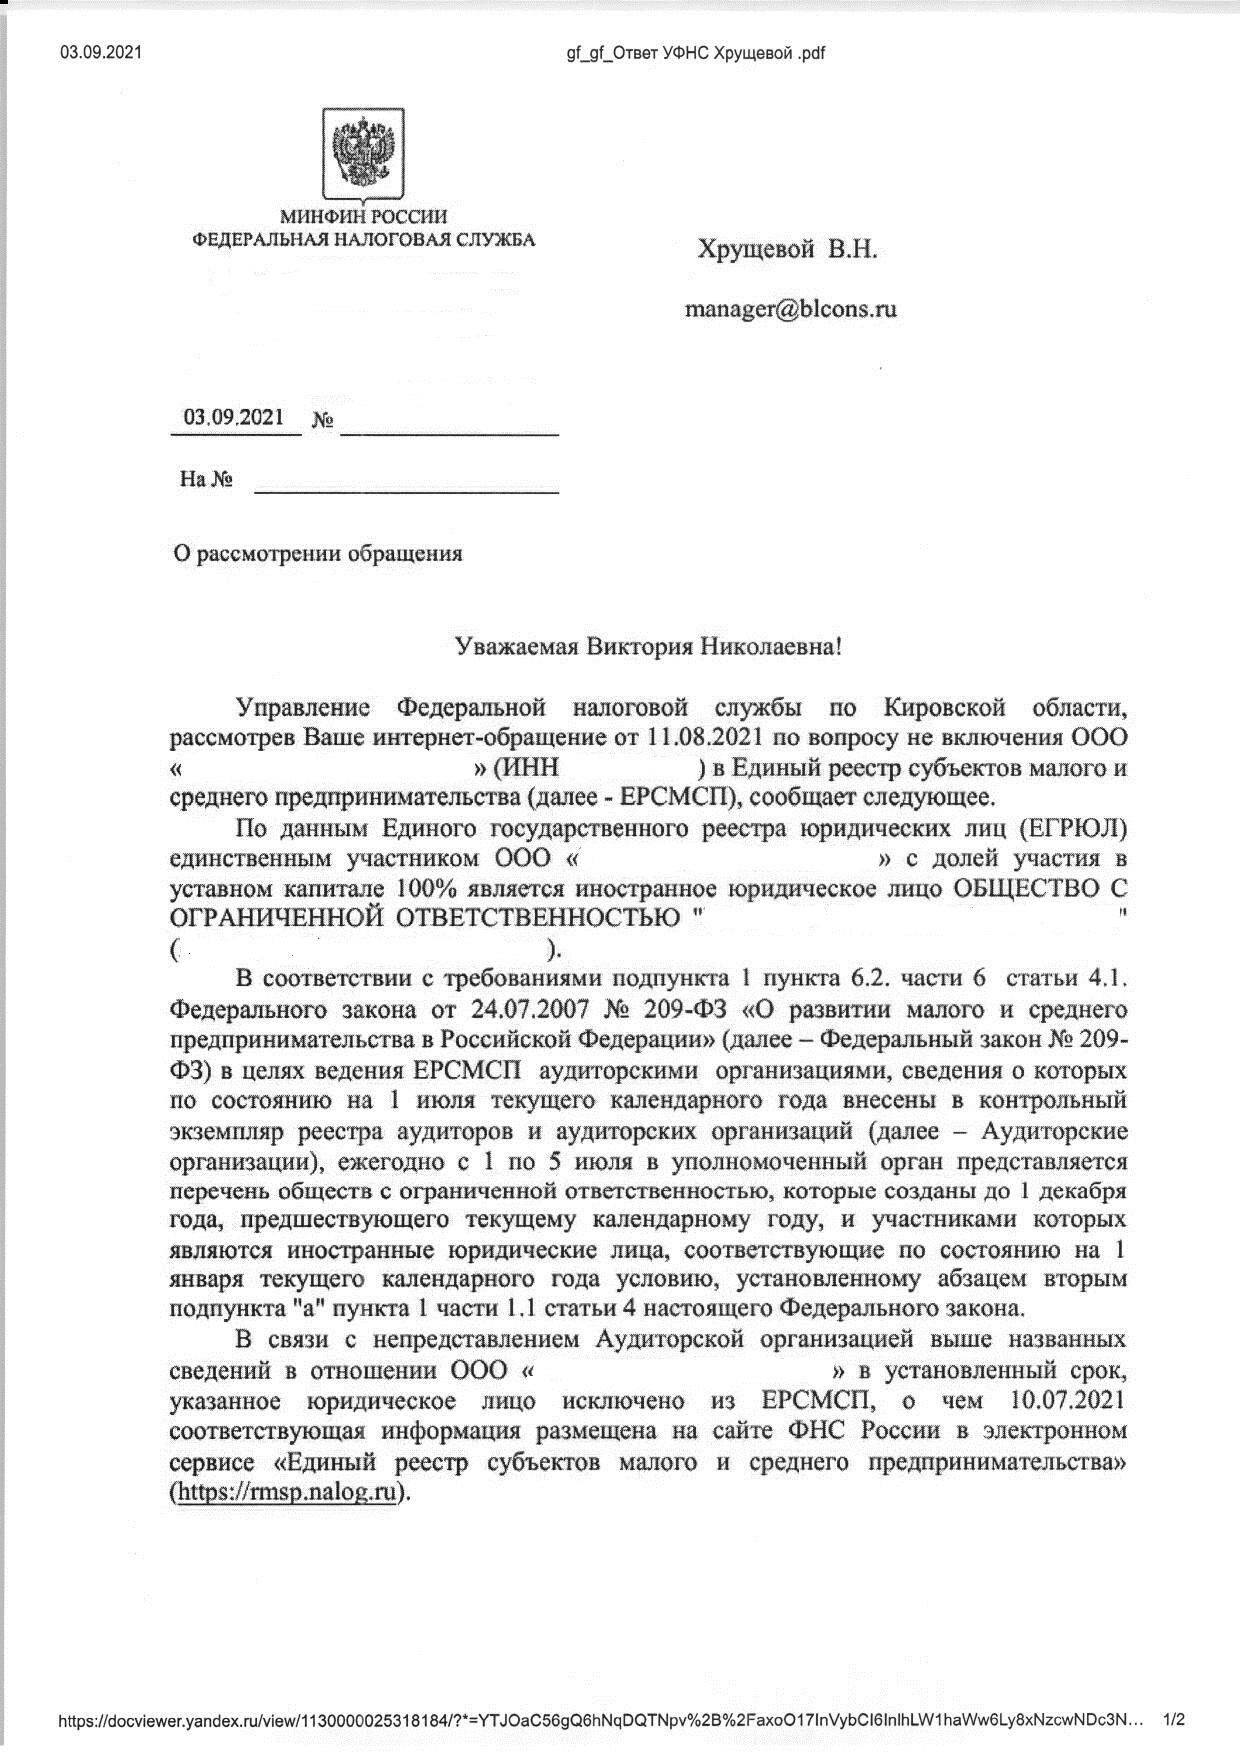 Включение в МСП - ответ от ФНС: BLCONS GROUP